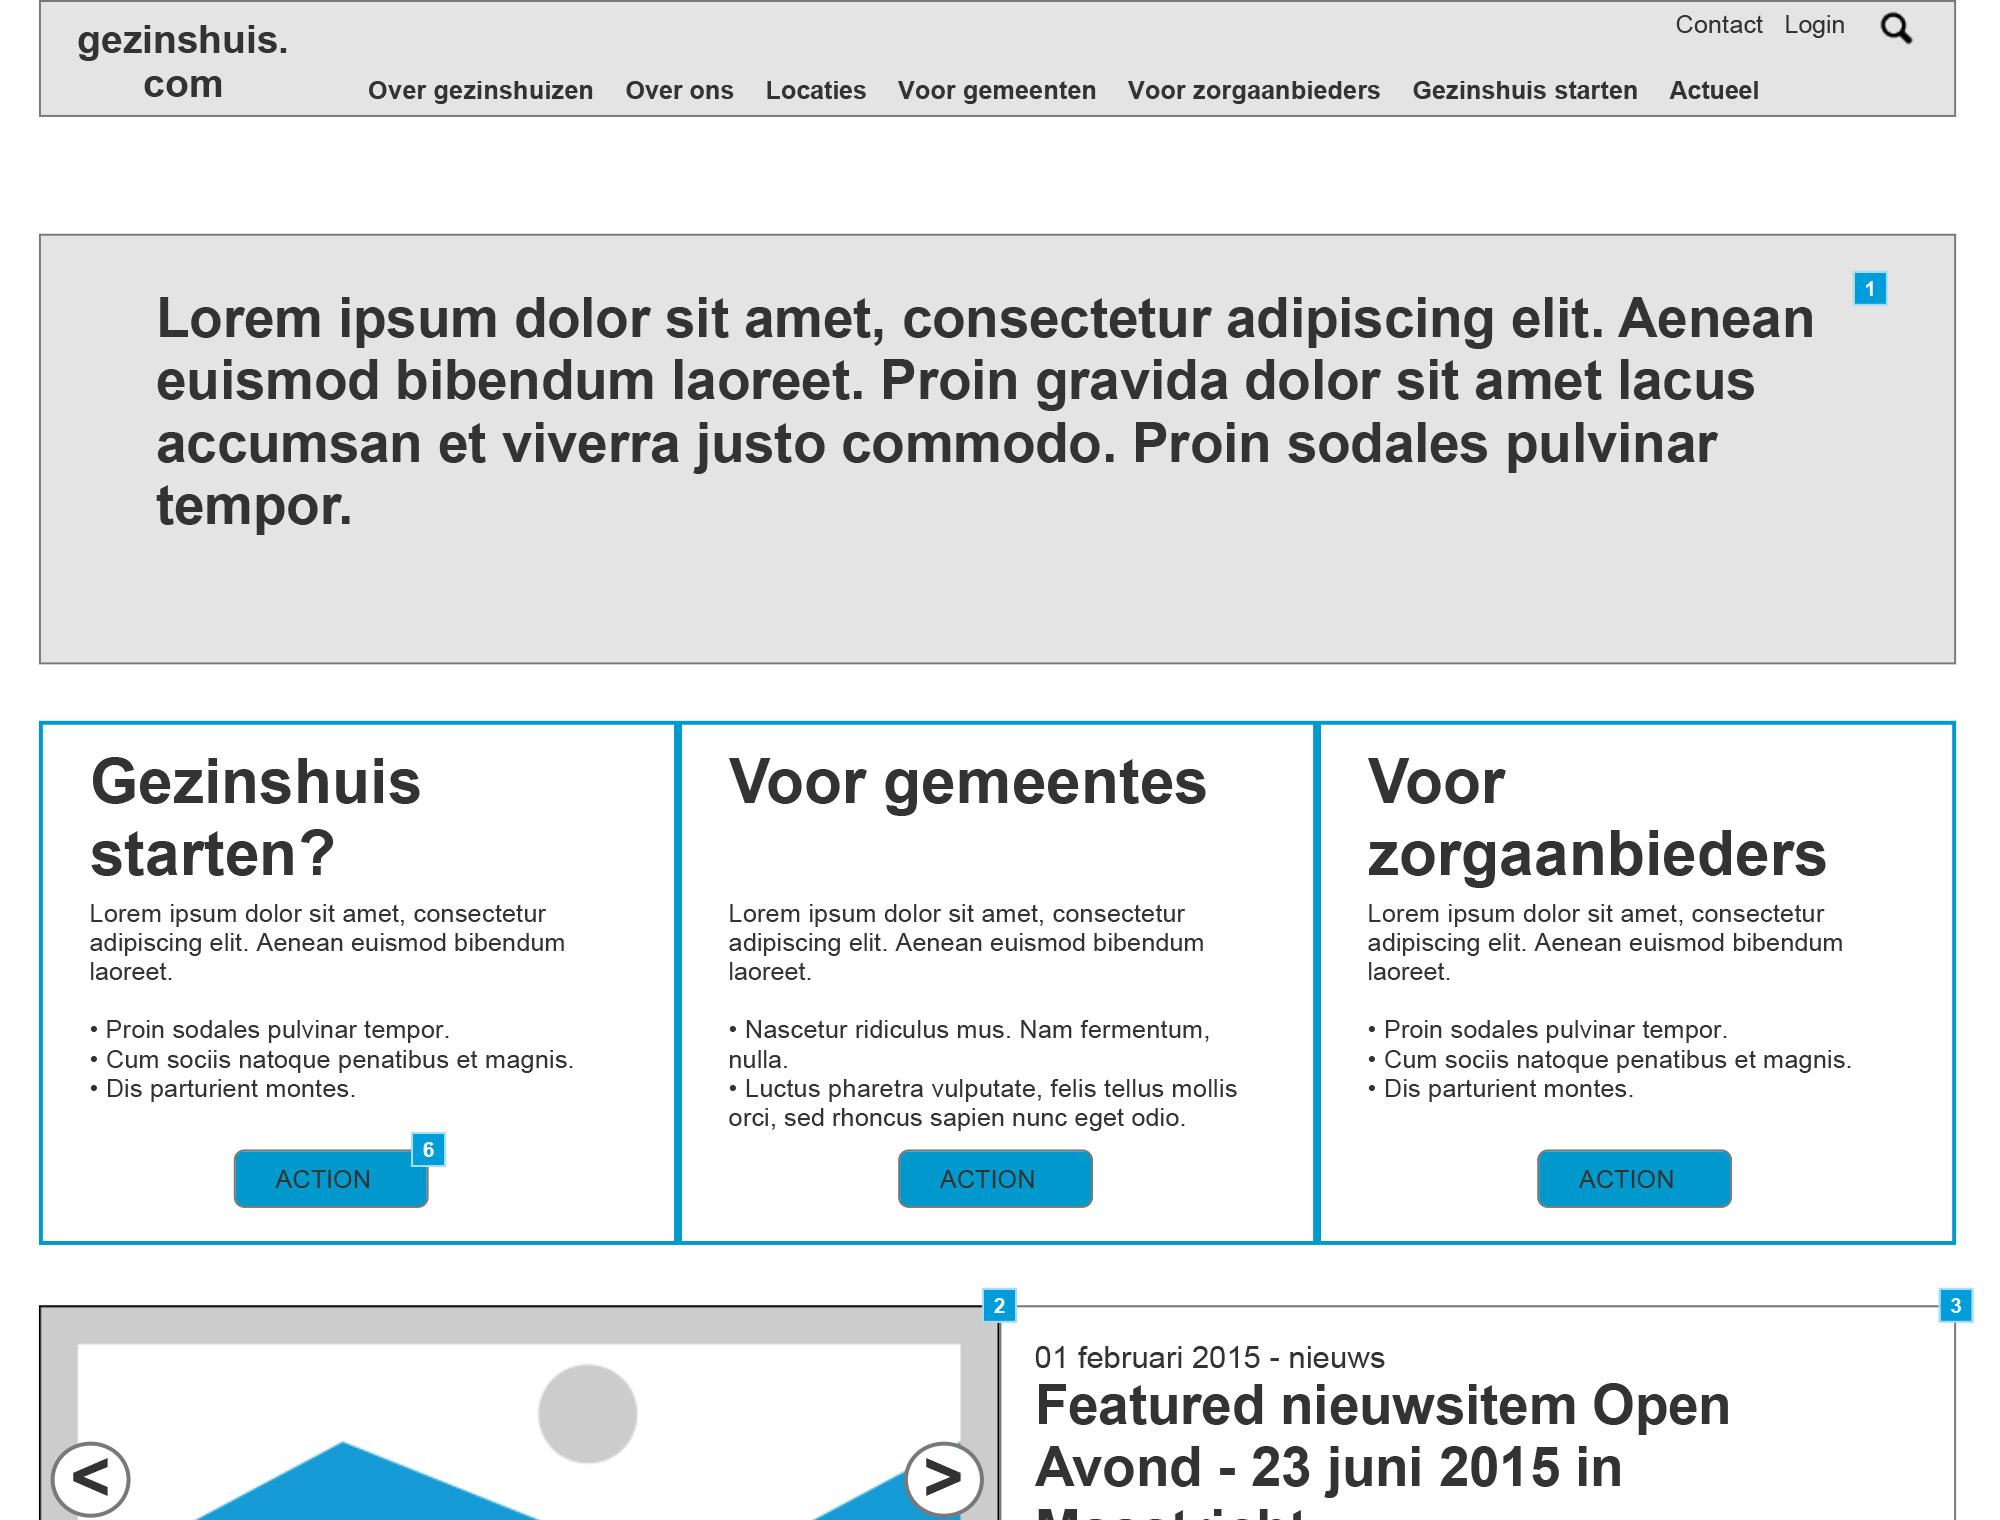 wireframe gezinshuis.com home